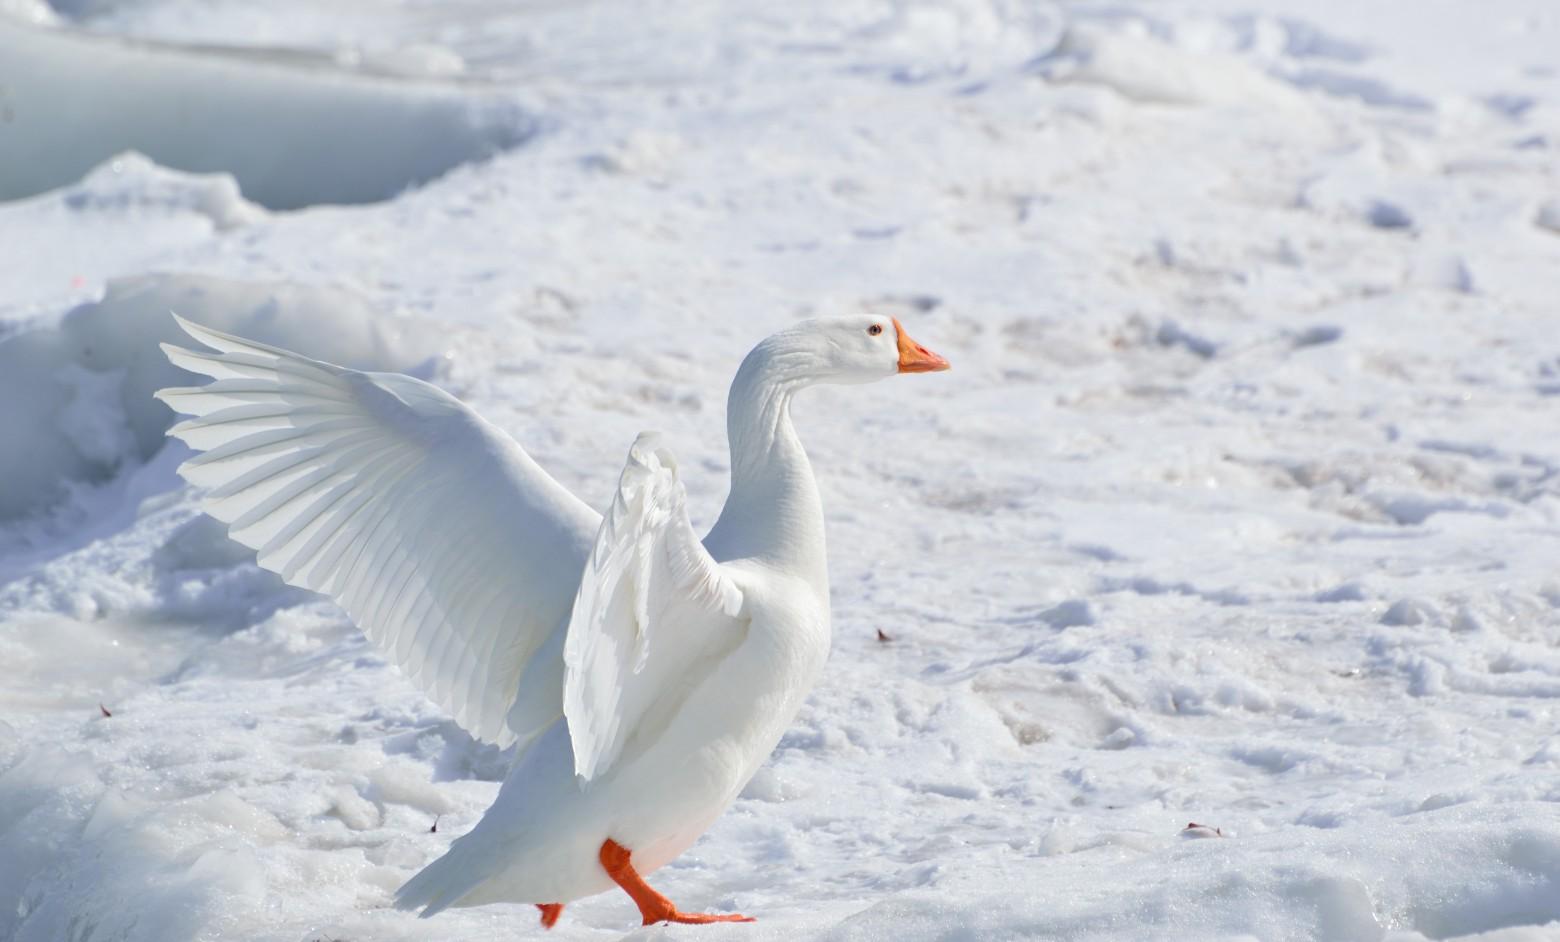 Oiseau oie blanche dans la neige images photos gratuites - Photos de neige gratuites ...